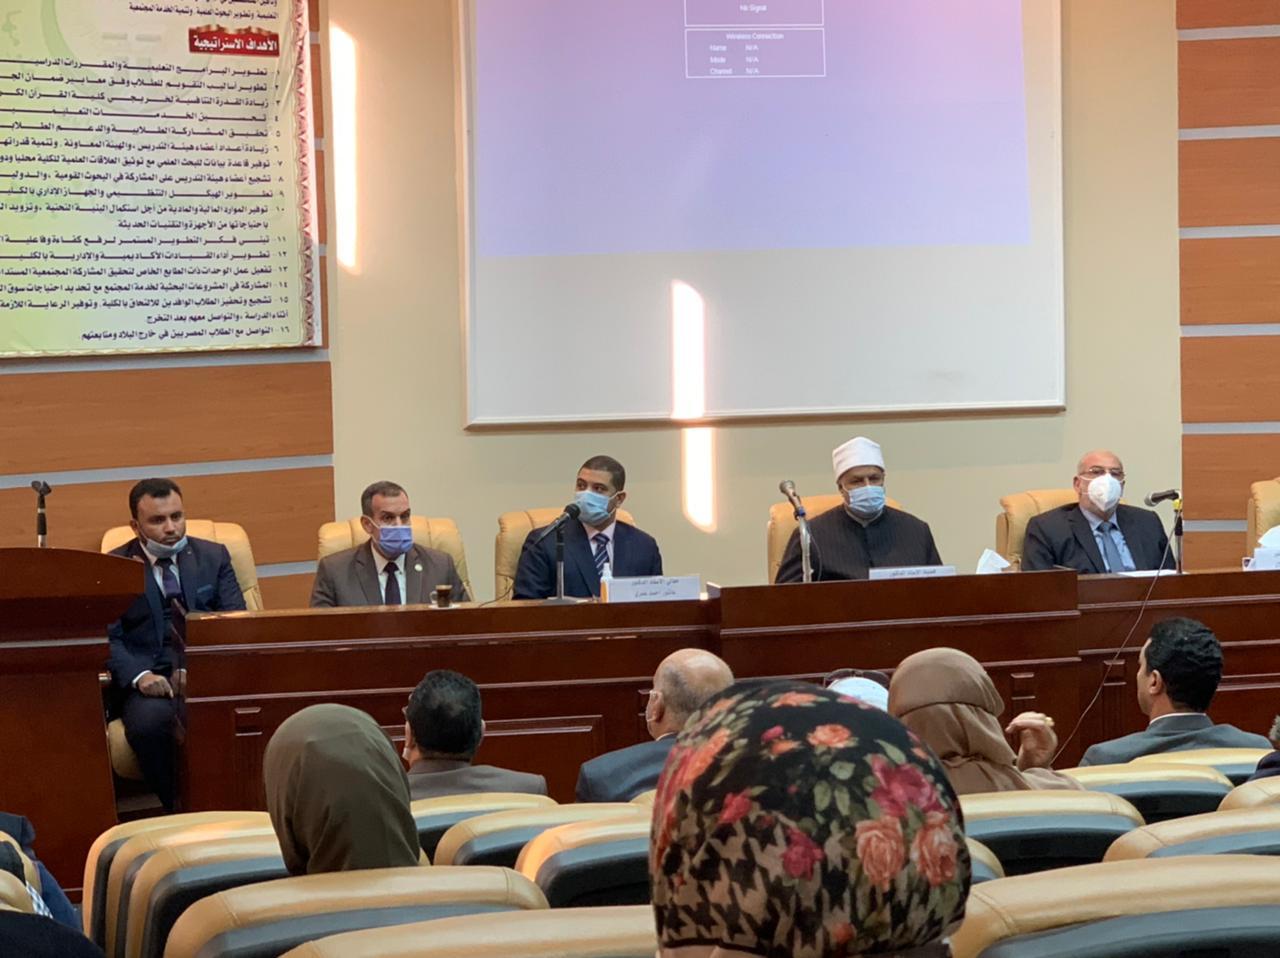 جامعة الأزهر تسهم في القضاء على مشكلة الأمية ودعم مخطط 2030